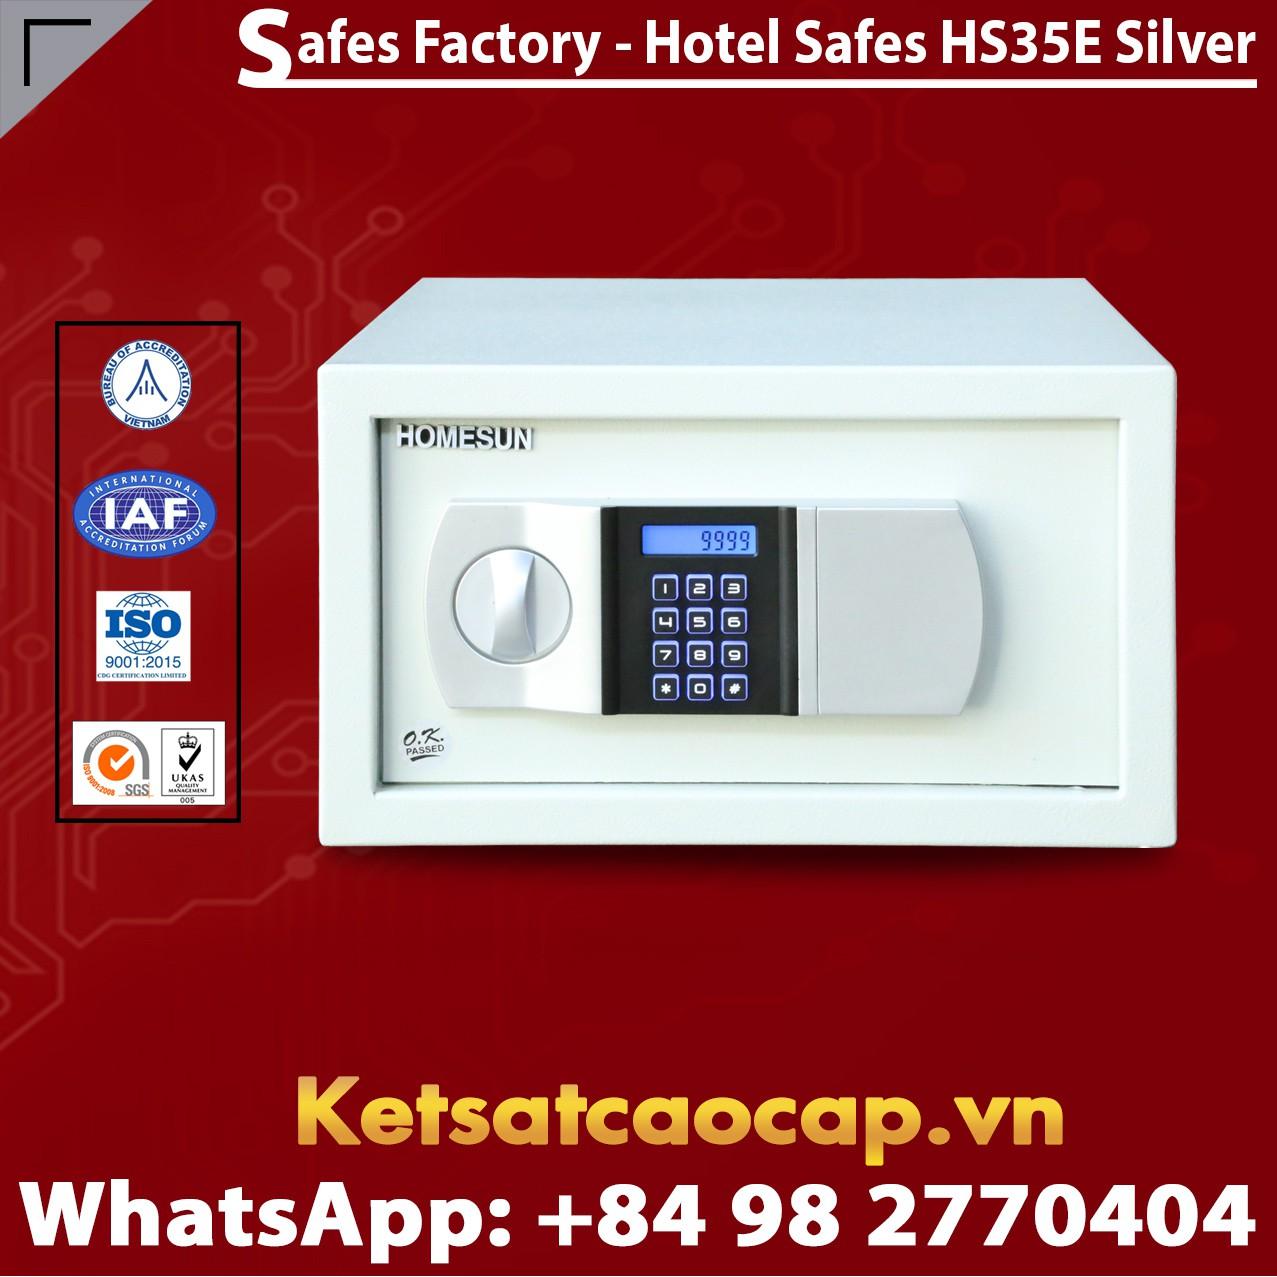 Két Sắt Khách Sạn Hotel Safes HOMESUN HS35 E Silver